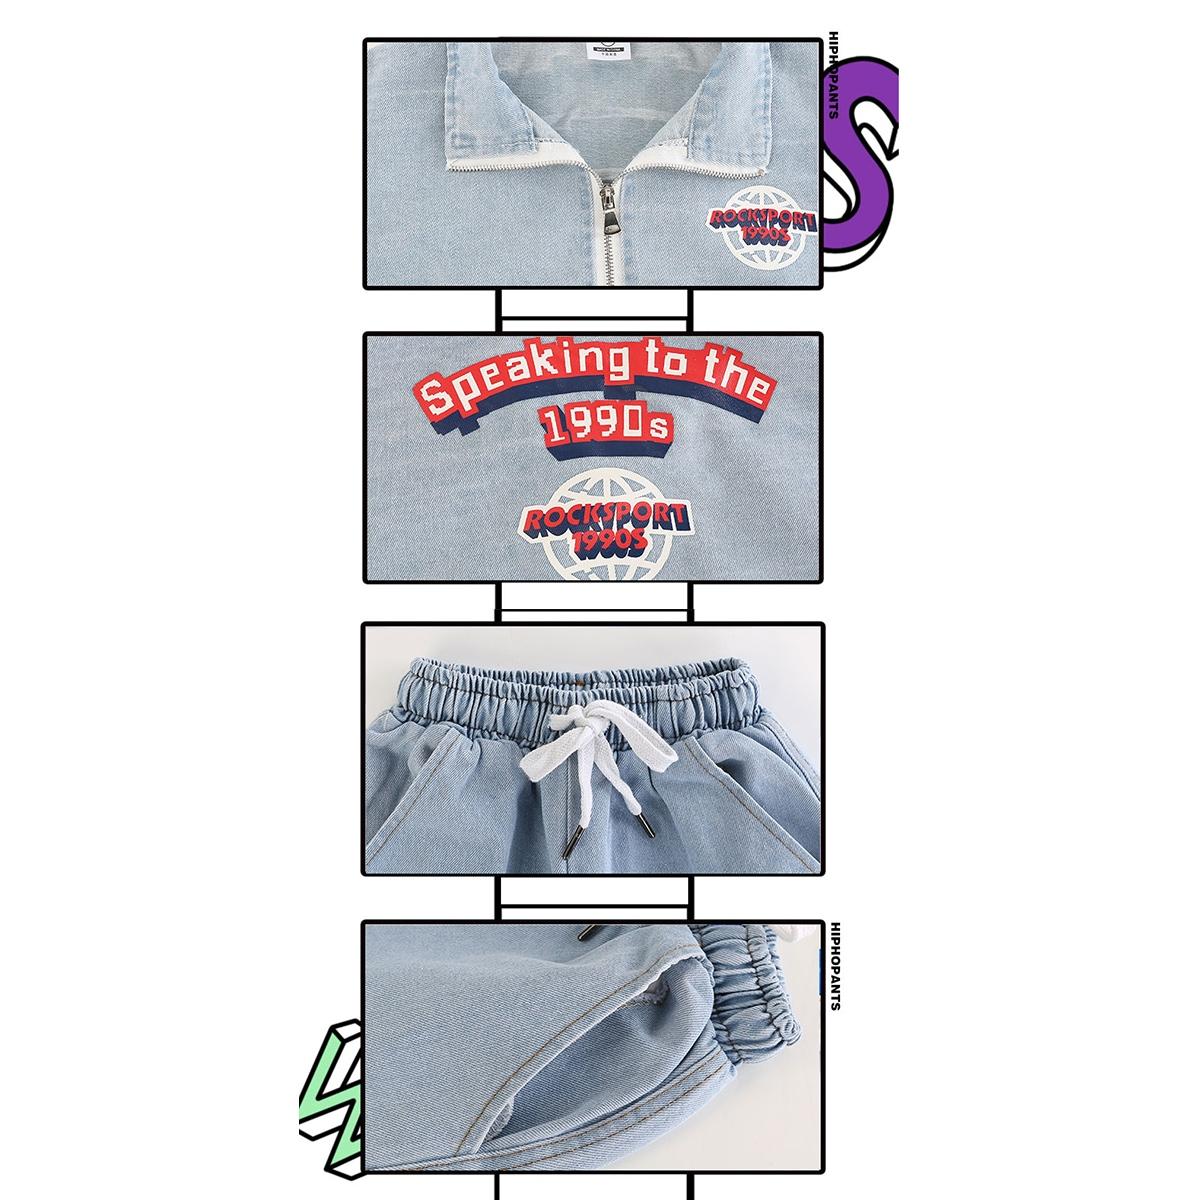 デニム セットアップ 男の子 女の子 ヒップホップ キッズダンス衣装 襟・ロゴ・ウエスト・ポケット部分アップ